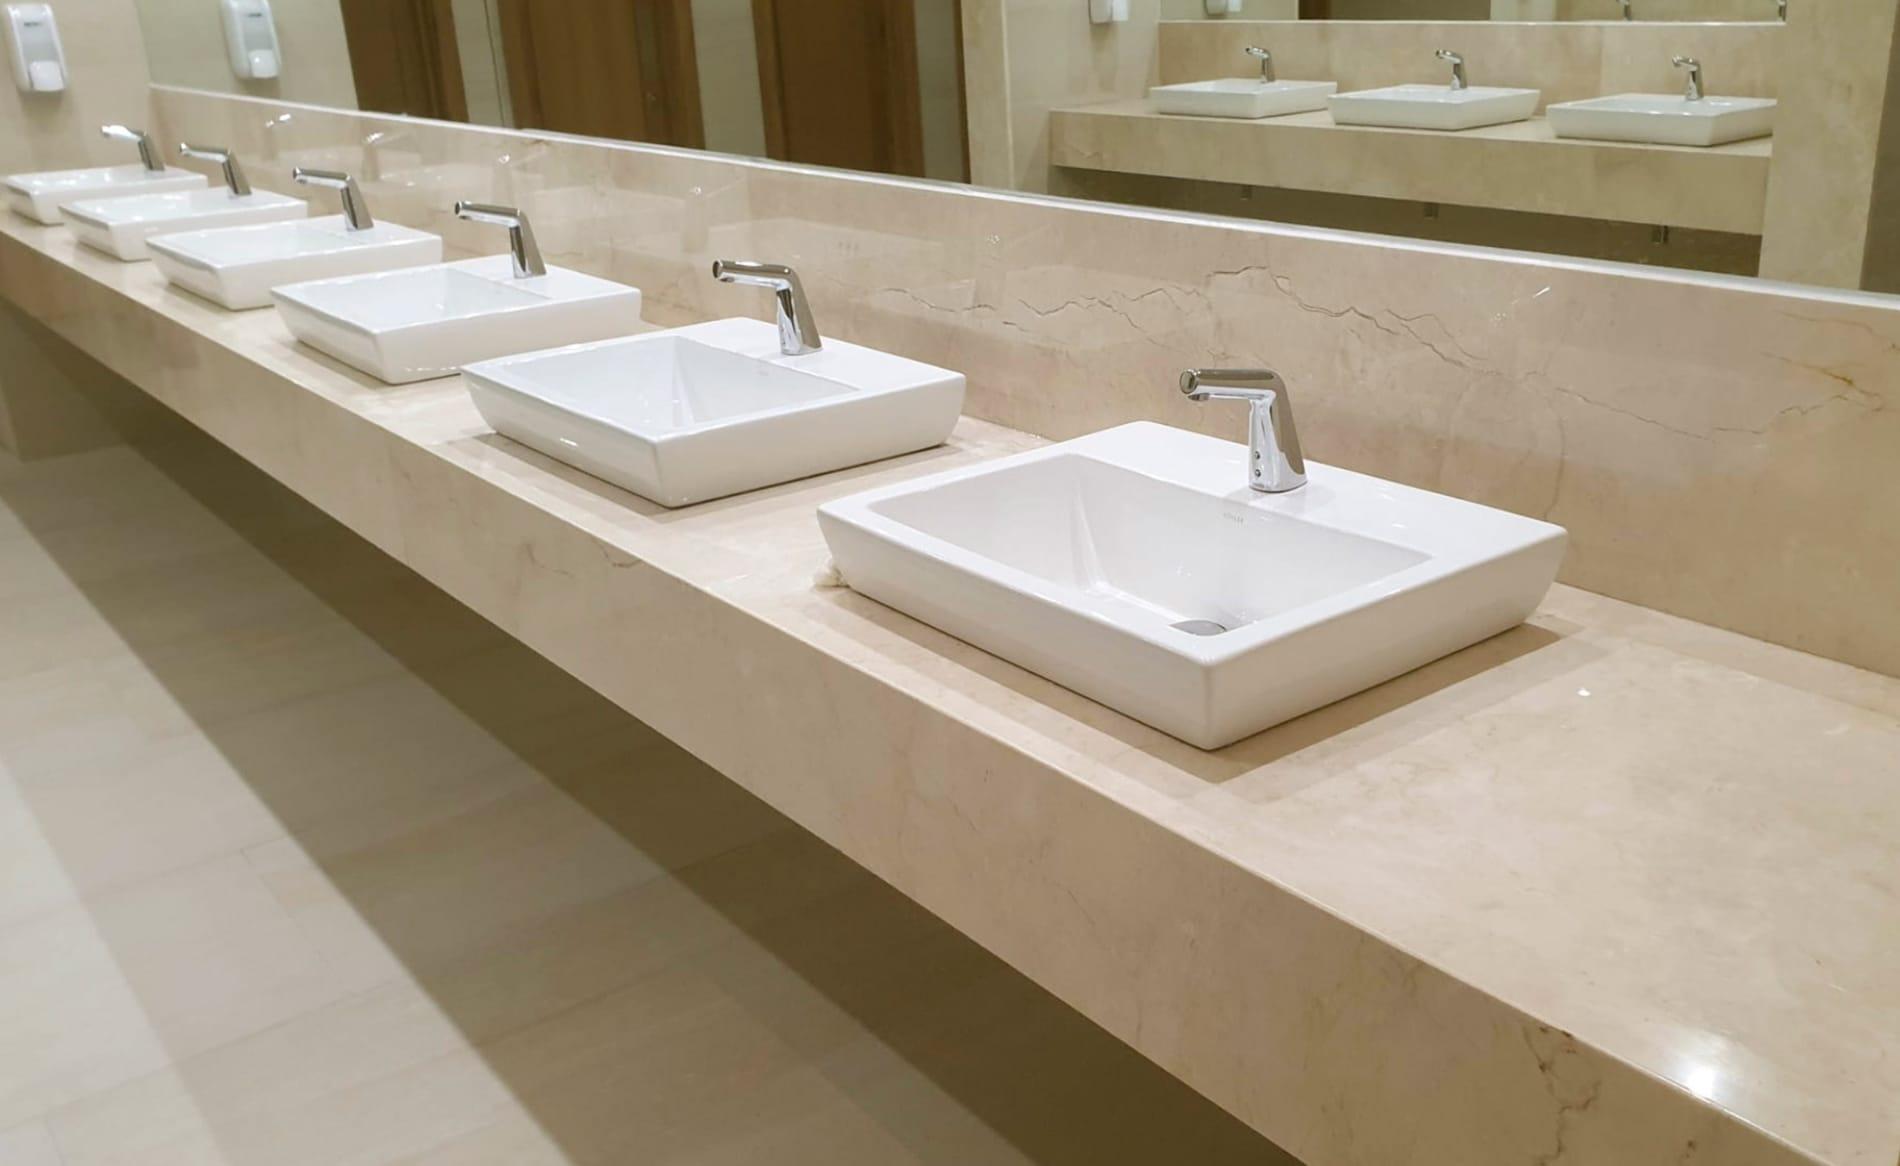 baño crema marfil del hotel barceló